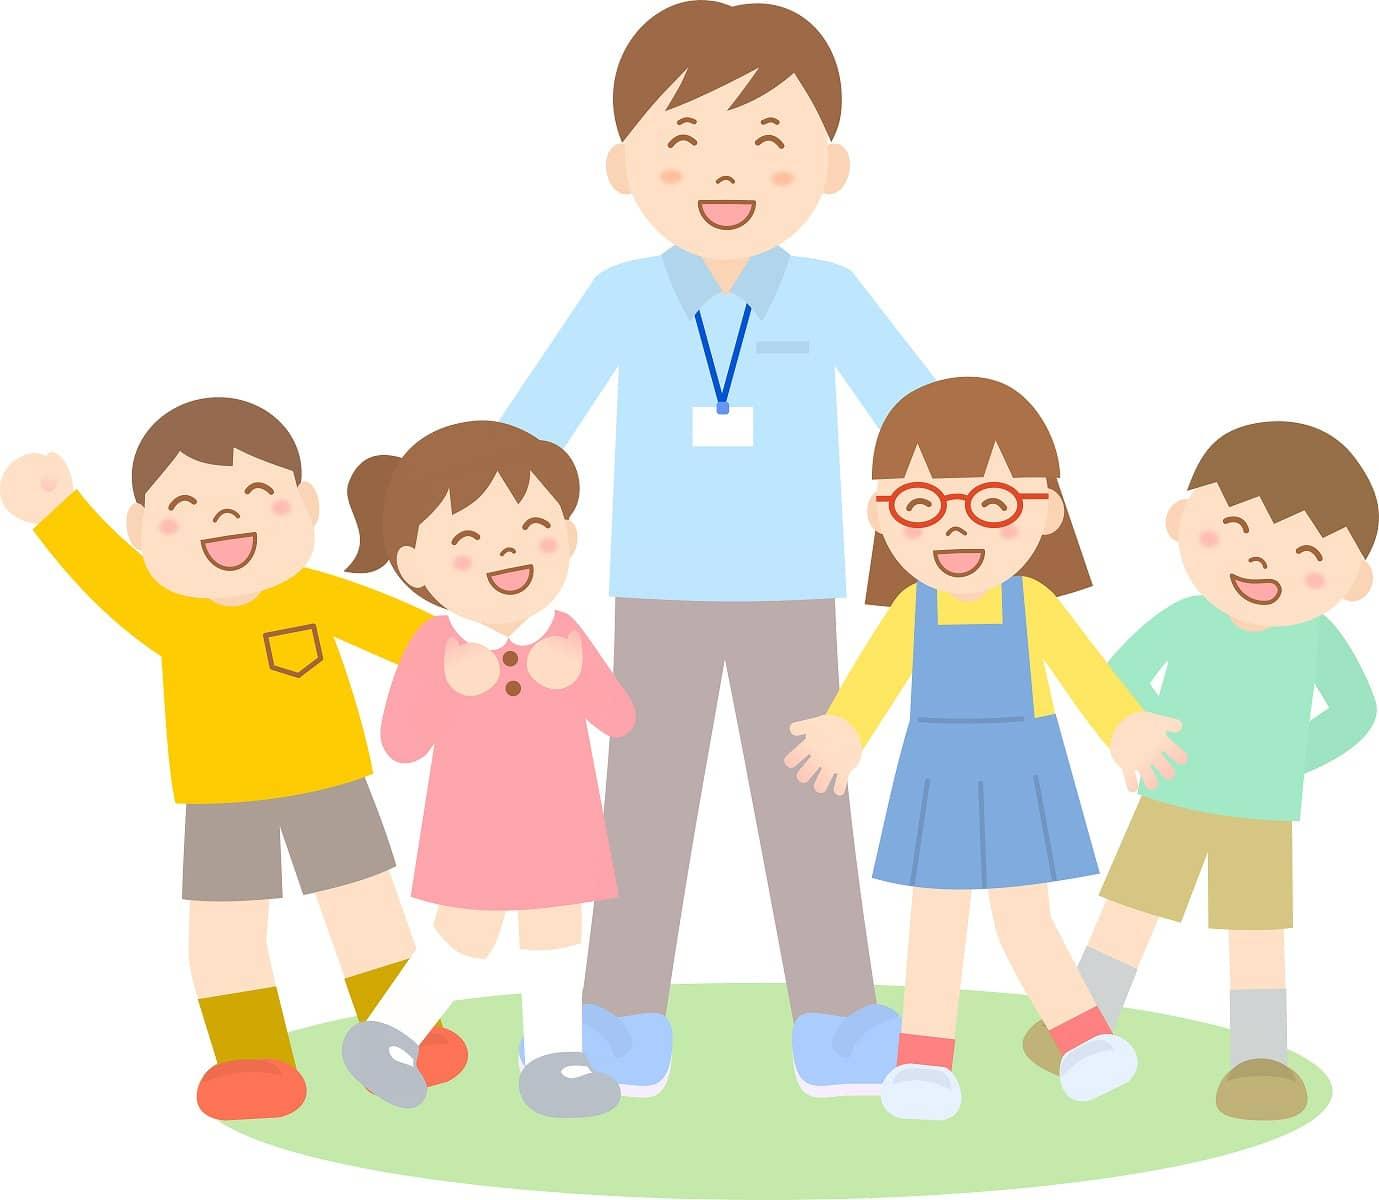 保育園の年齢ごとの定員って? 0歳、1歳、2歳はなぜ受け入れ可能枠数が少ないの?